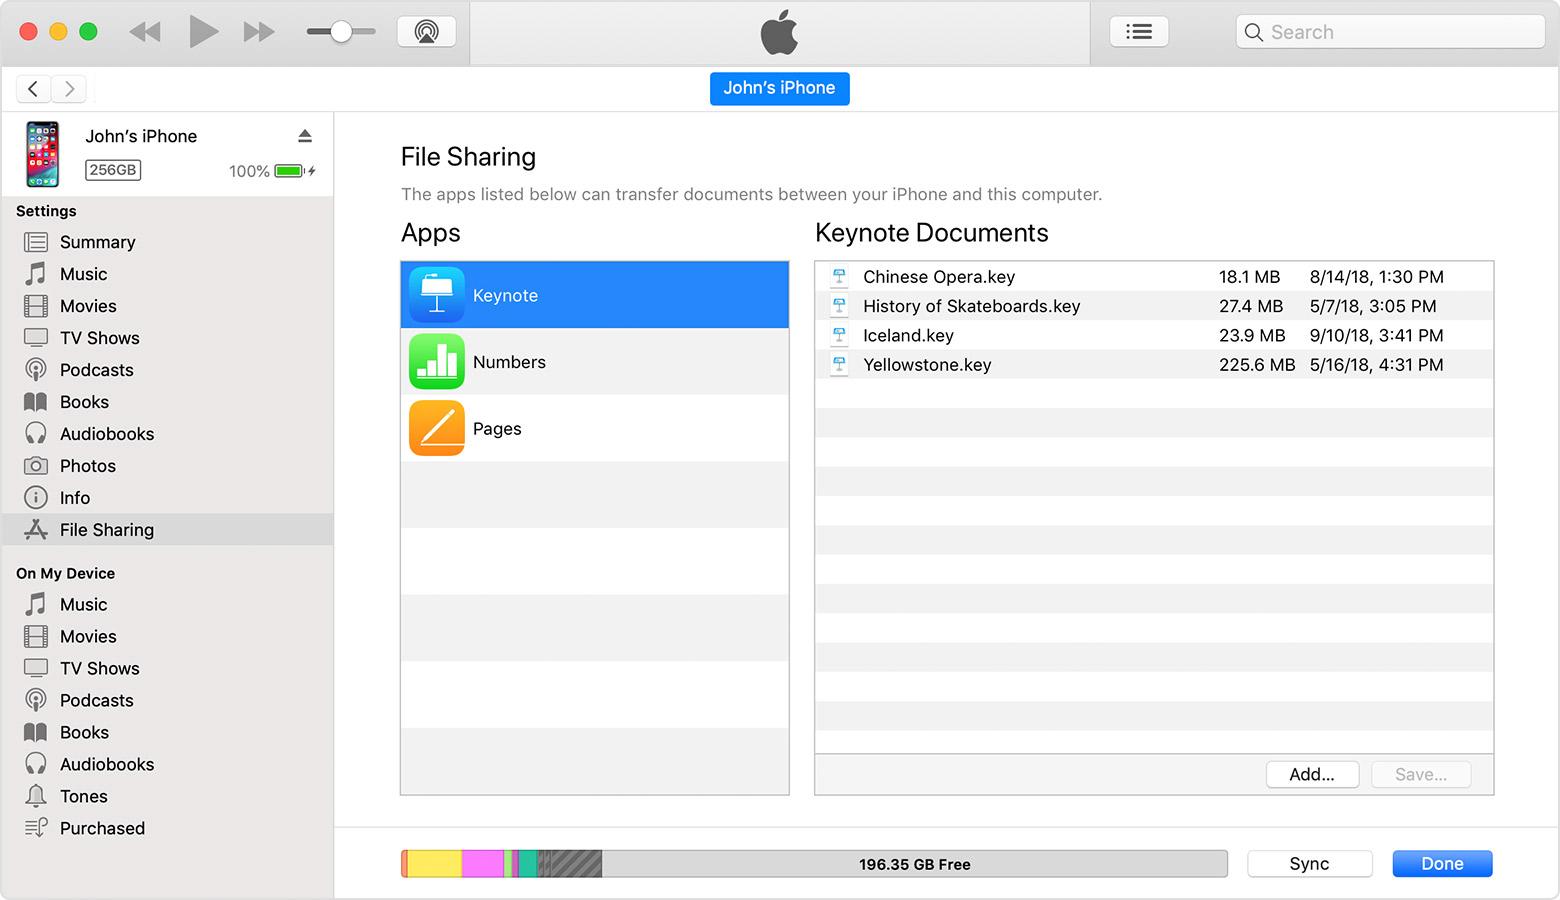 Cách chép hình ảnh từ iphone sang máy tính qua iTunes